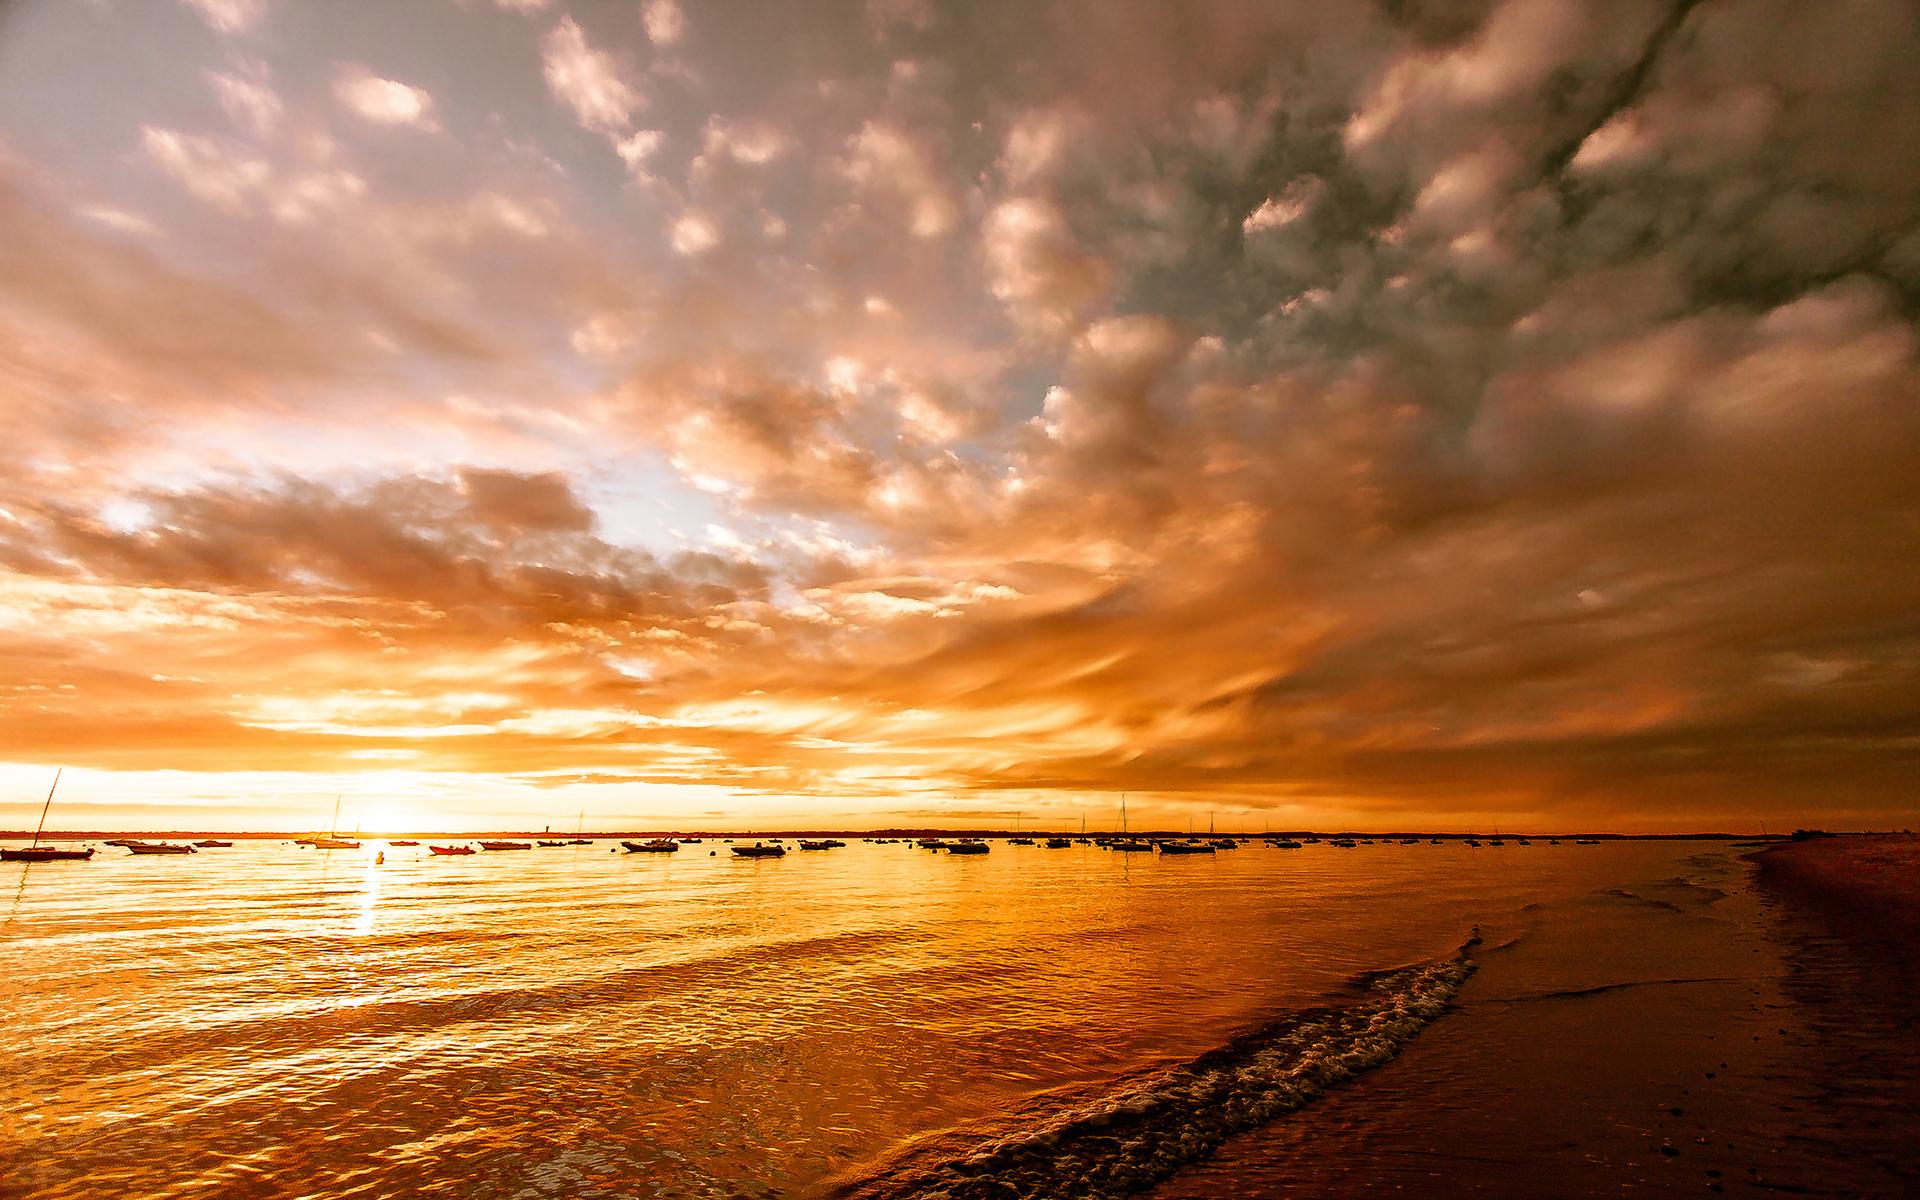 sunset wallpapers waves orange